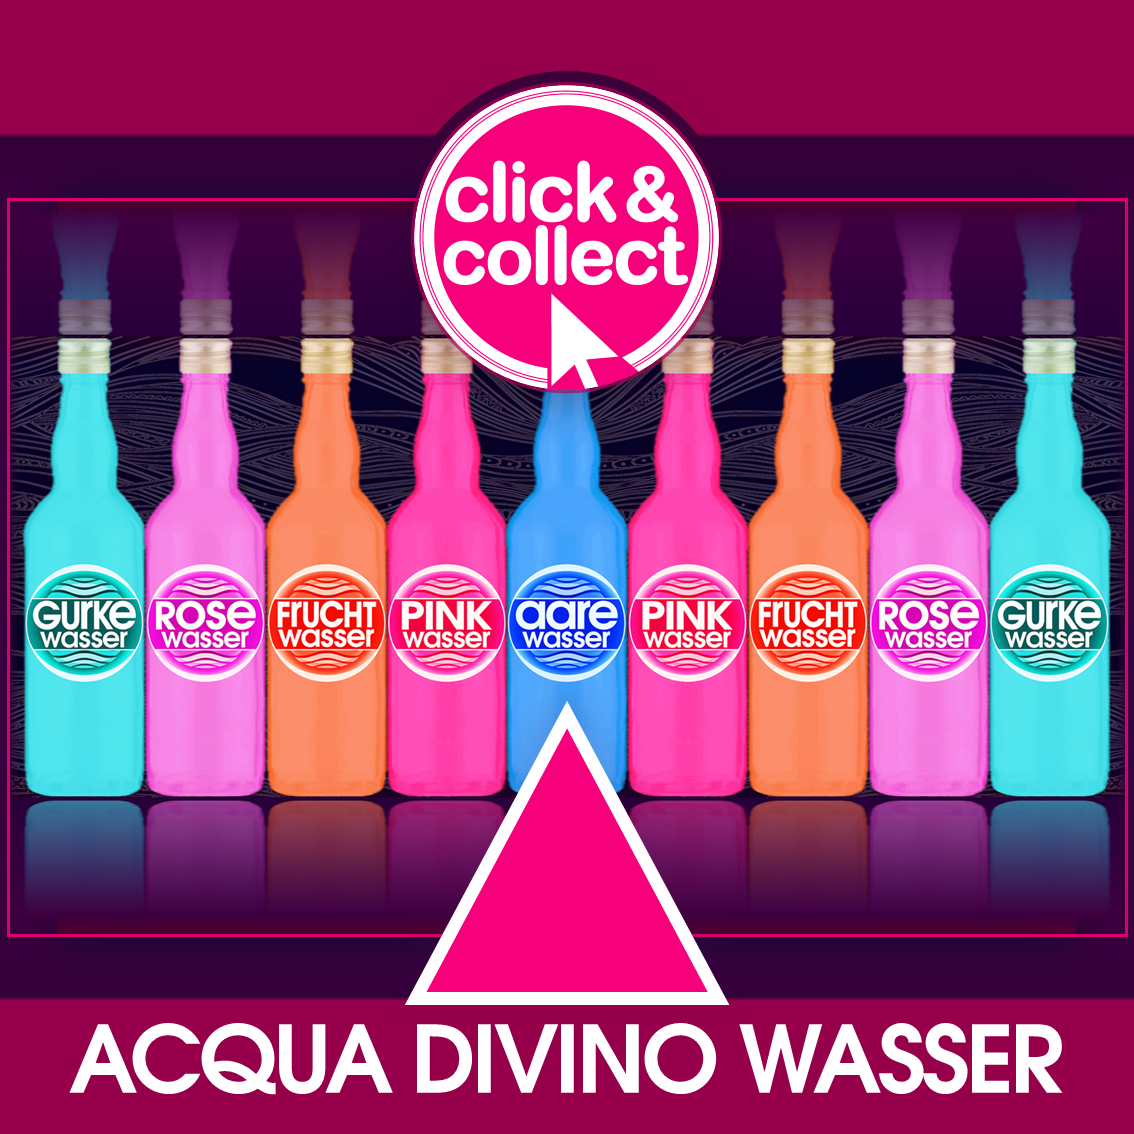 ACQUA DIVINO WASSER - CLICK & COLLECT